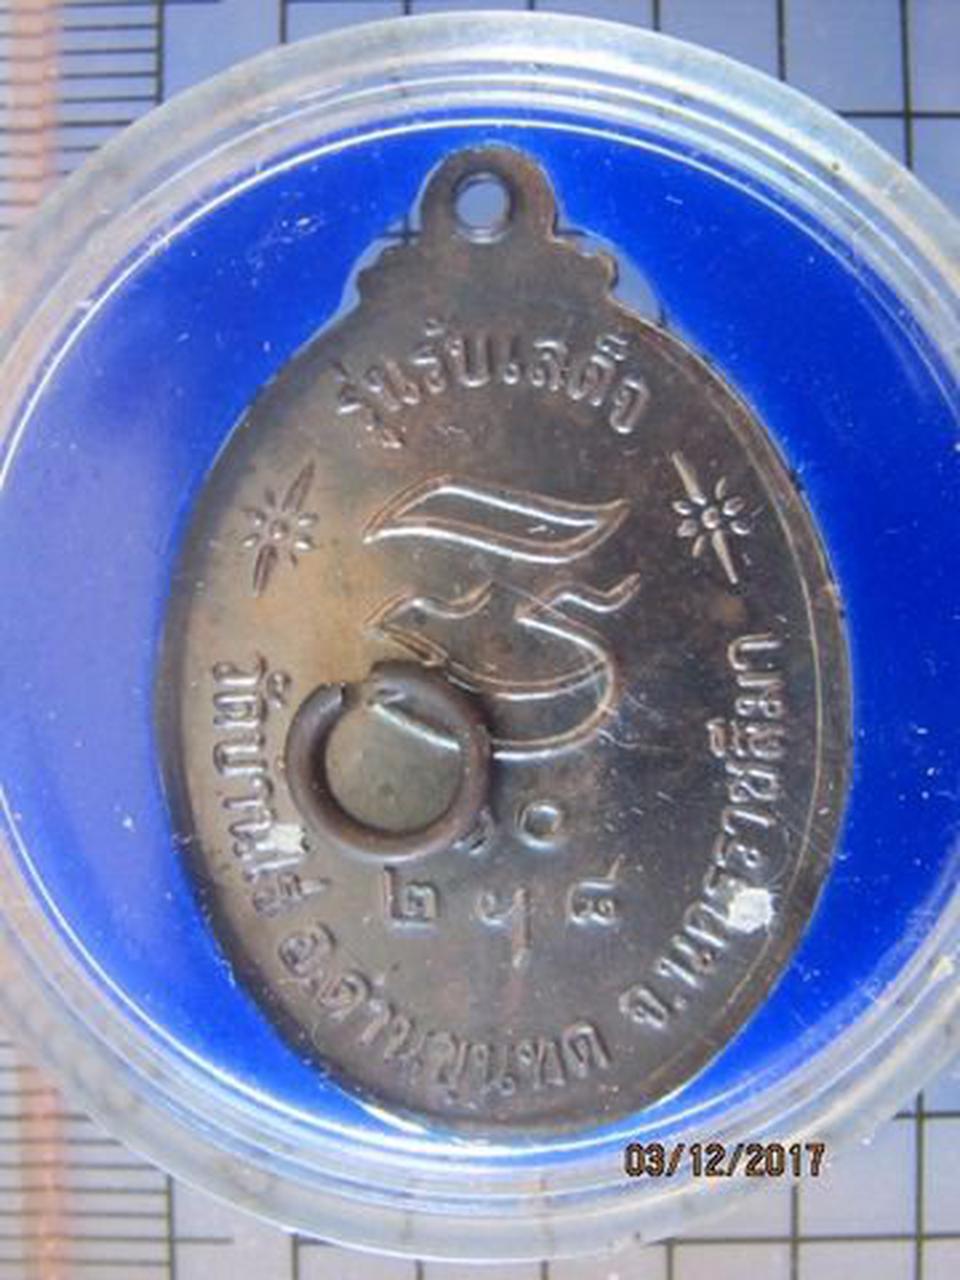 4970 เหรียญหลวงพ่อคูณ ปริสุทโธ วัดบ้านไร่ ปี 2536 รุ่นรับเสด รูปที่ 1